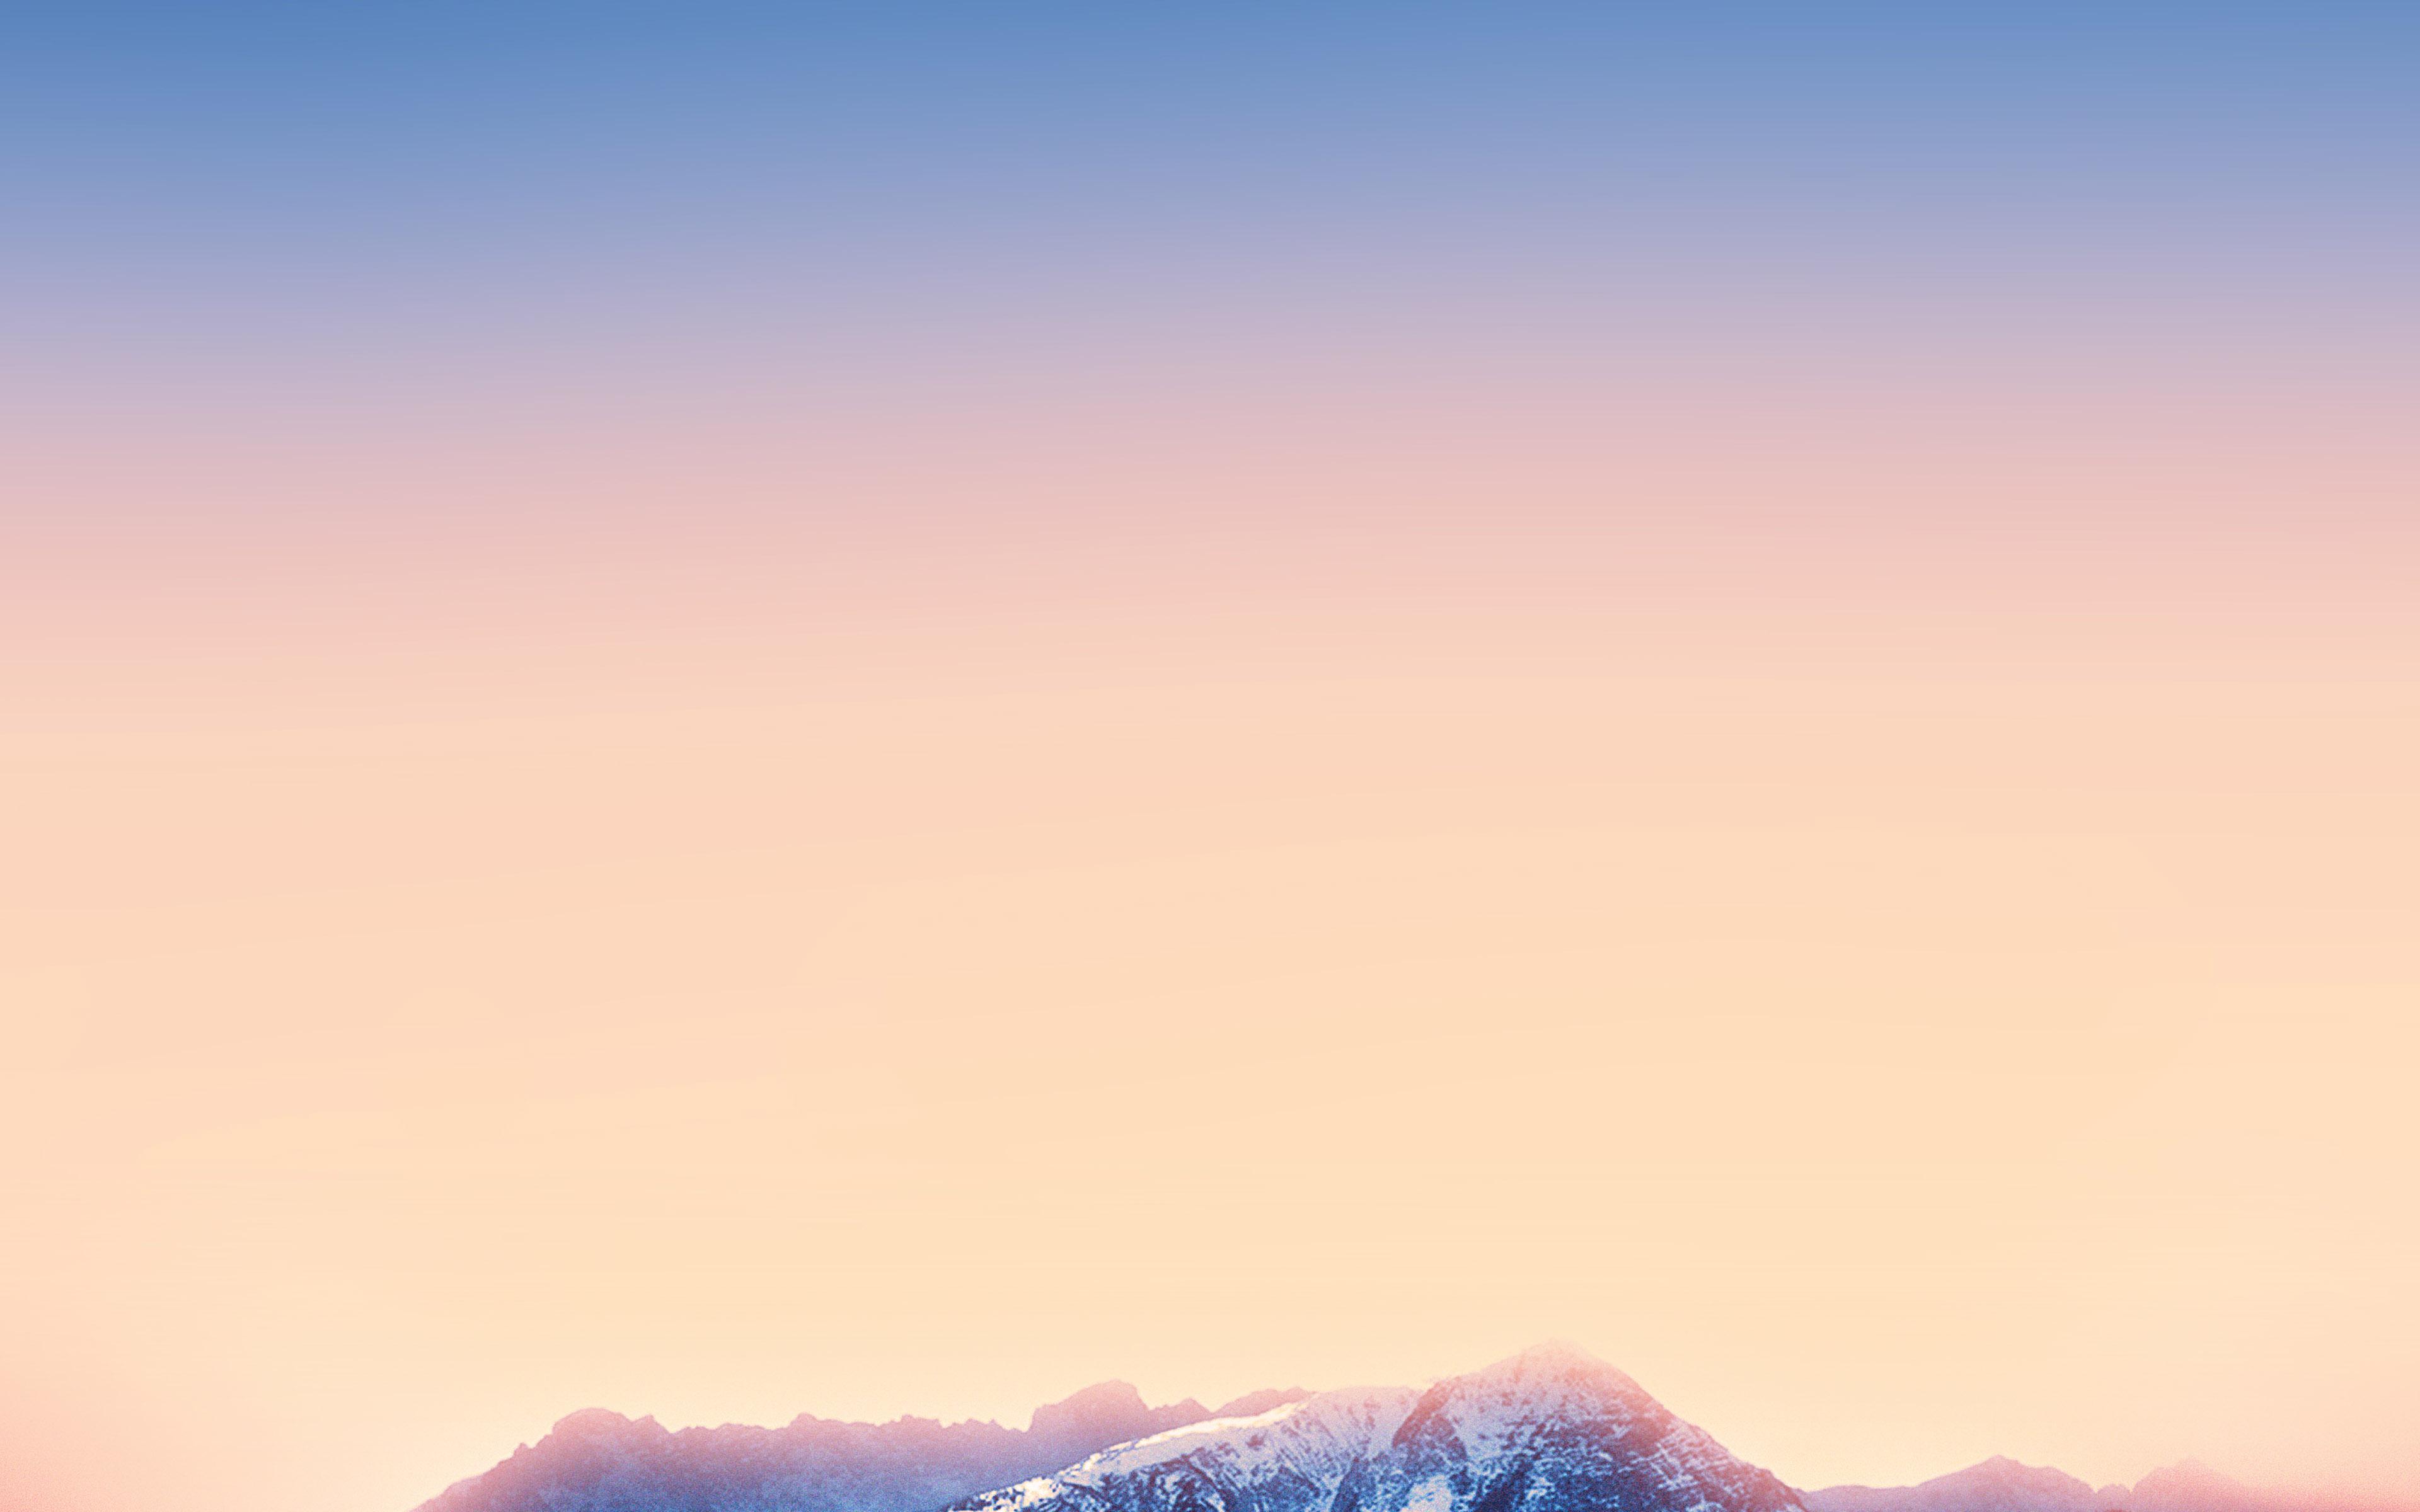 Ipad Air 3 Wallpaper 4k Landscape 3840x2400 Wallpaper Teahub Io